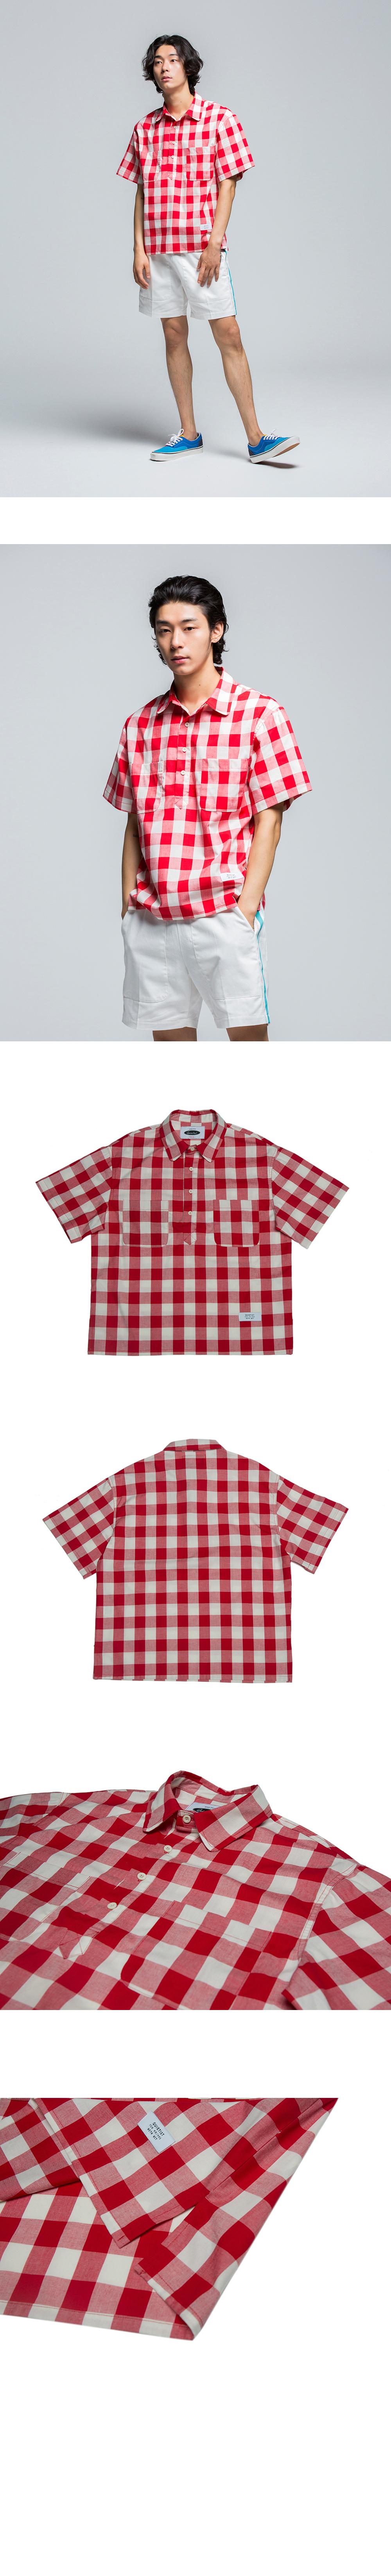 콰이어티스트 Checker Board Pull-over Shirts (red)